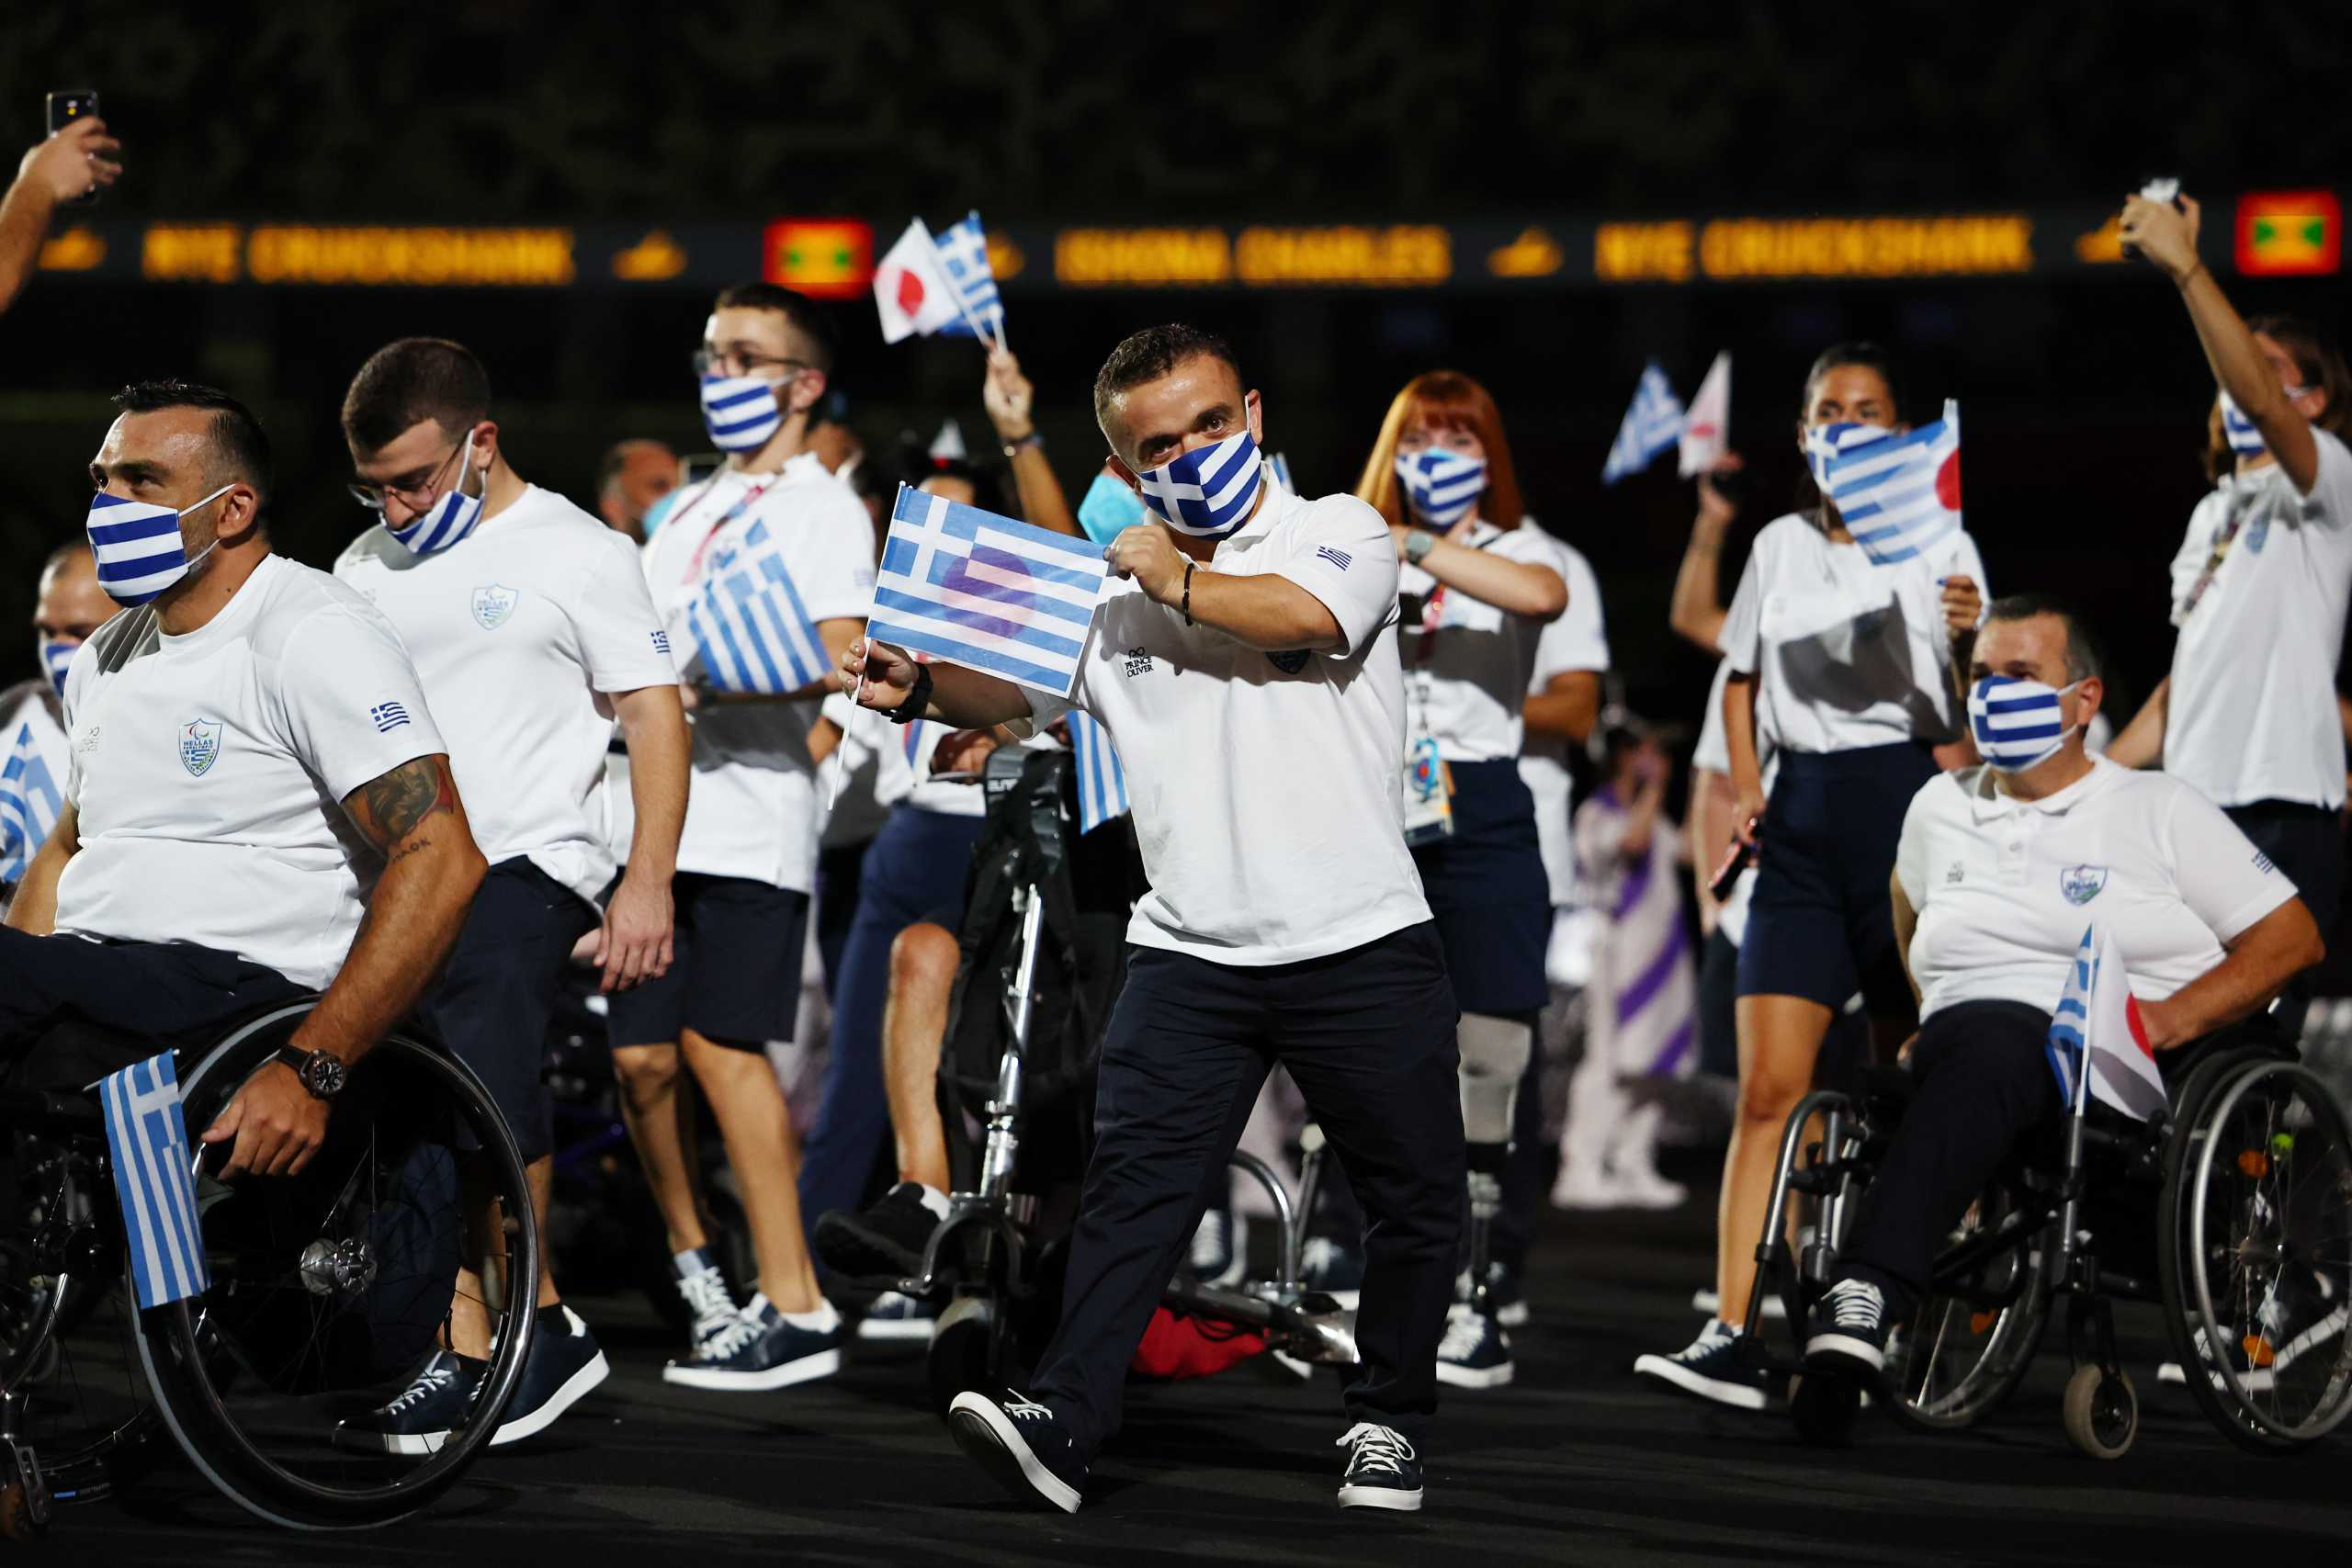 Παραολυμπιακοί Αγώνες: Το πρόγραμμα των Ελλήνων αθλητών στο Τόκιο την 1η αγωνιστική ημέρα